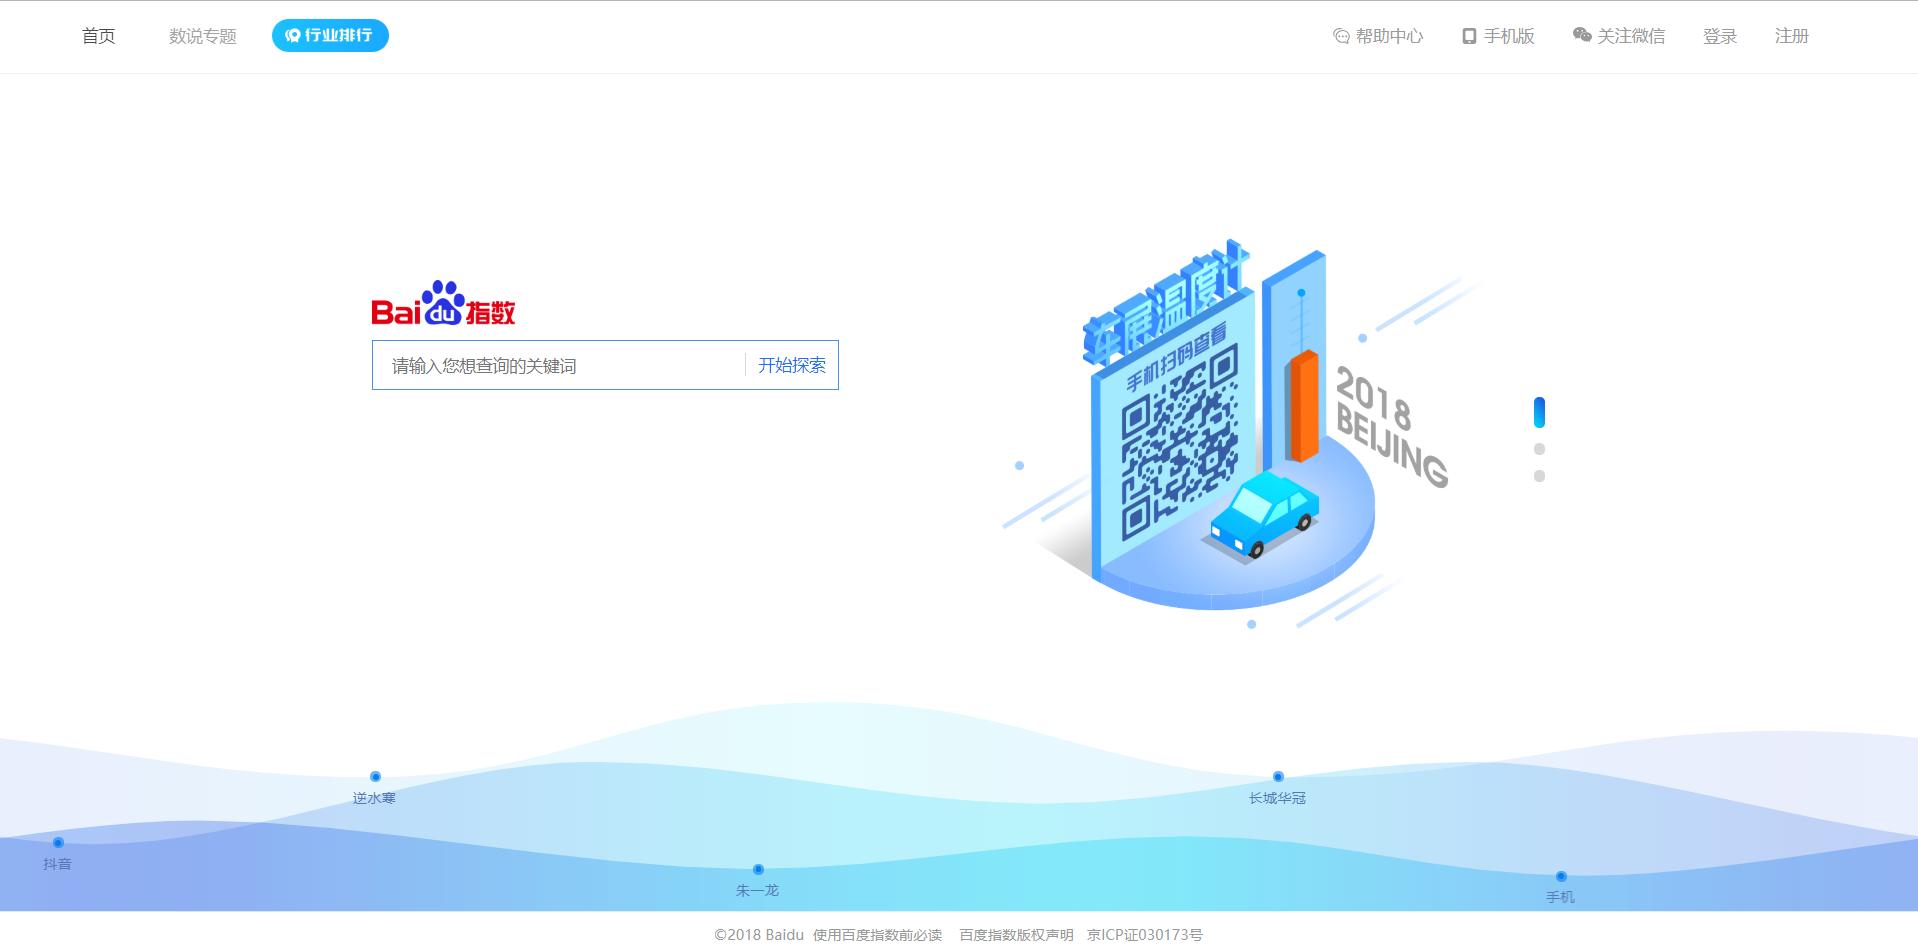 Baidu trends-1